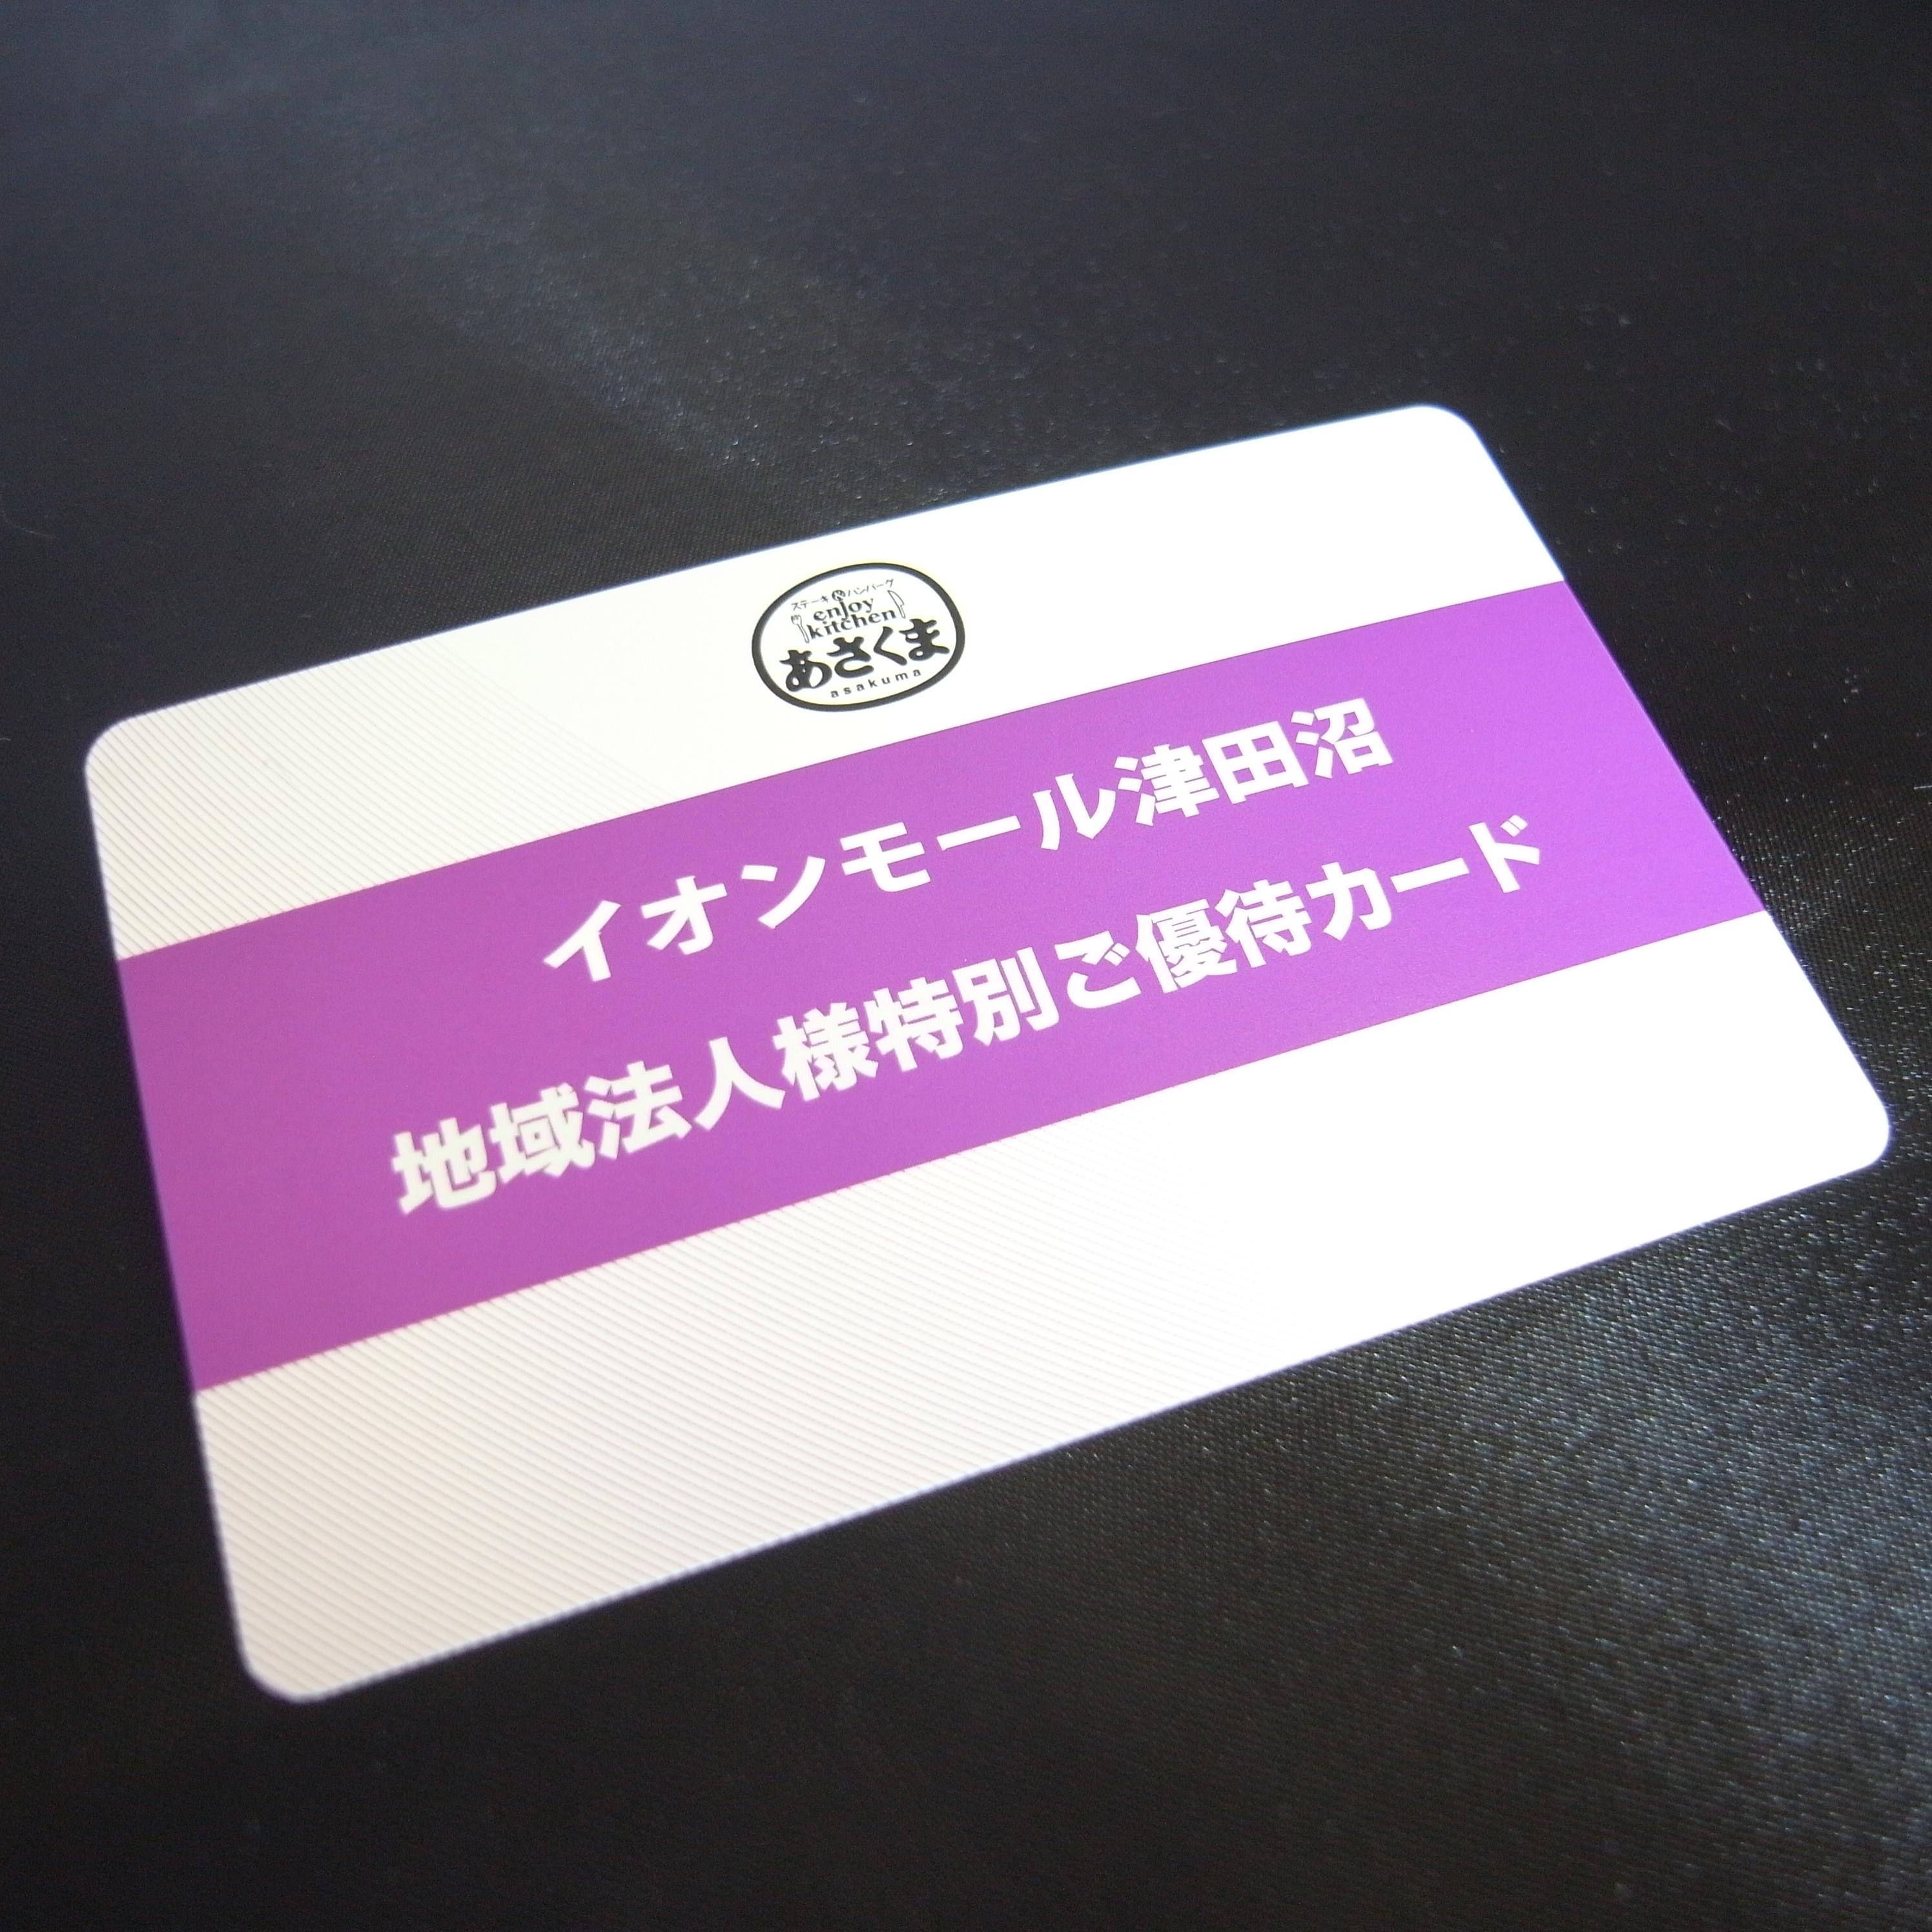 あさくま様優待カード